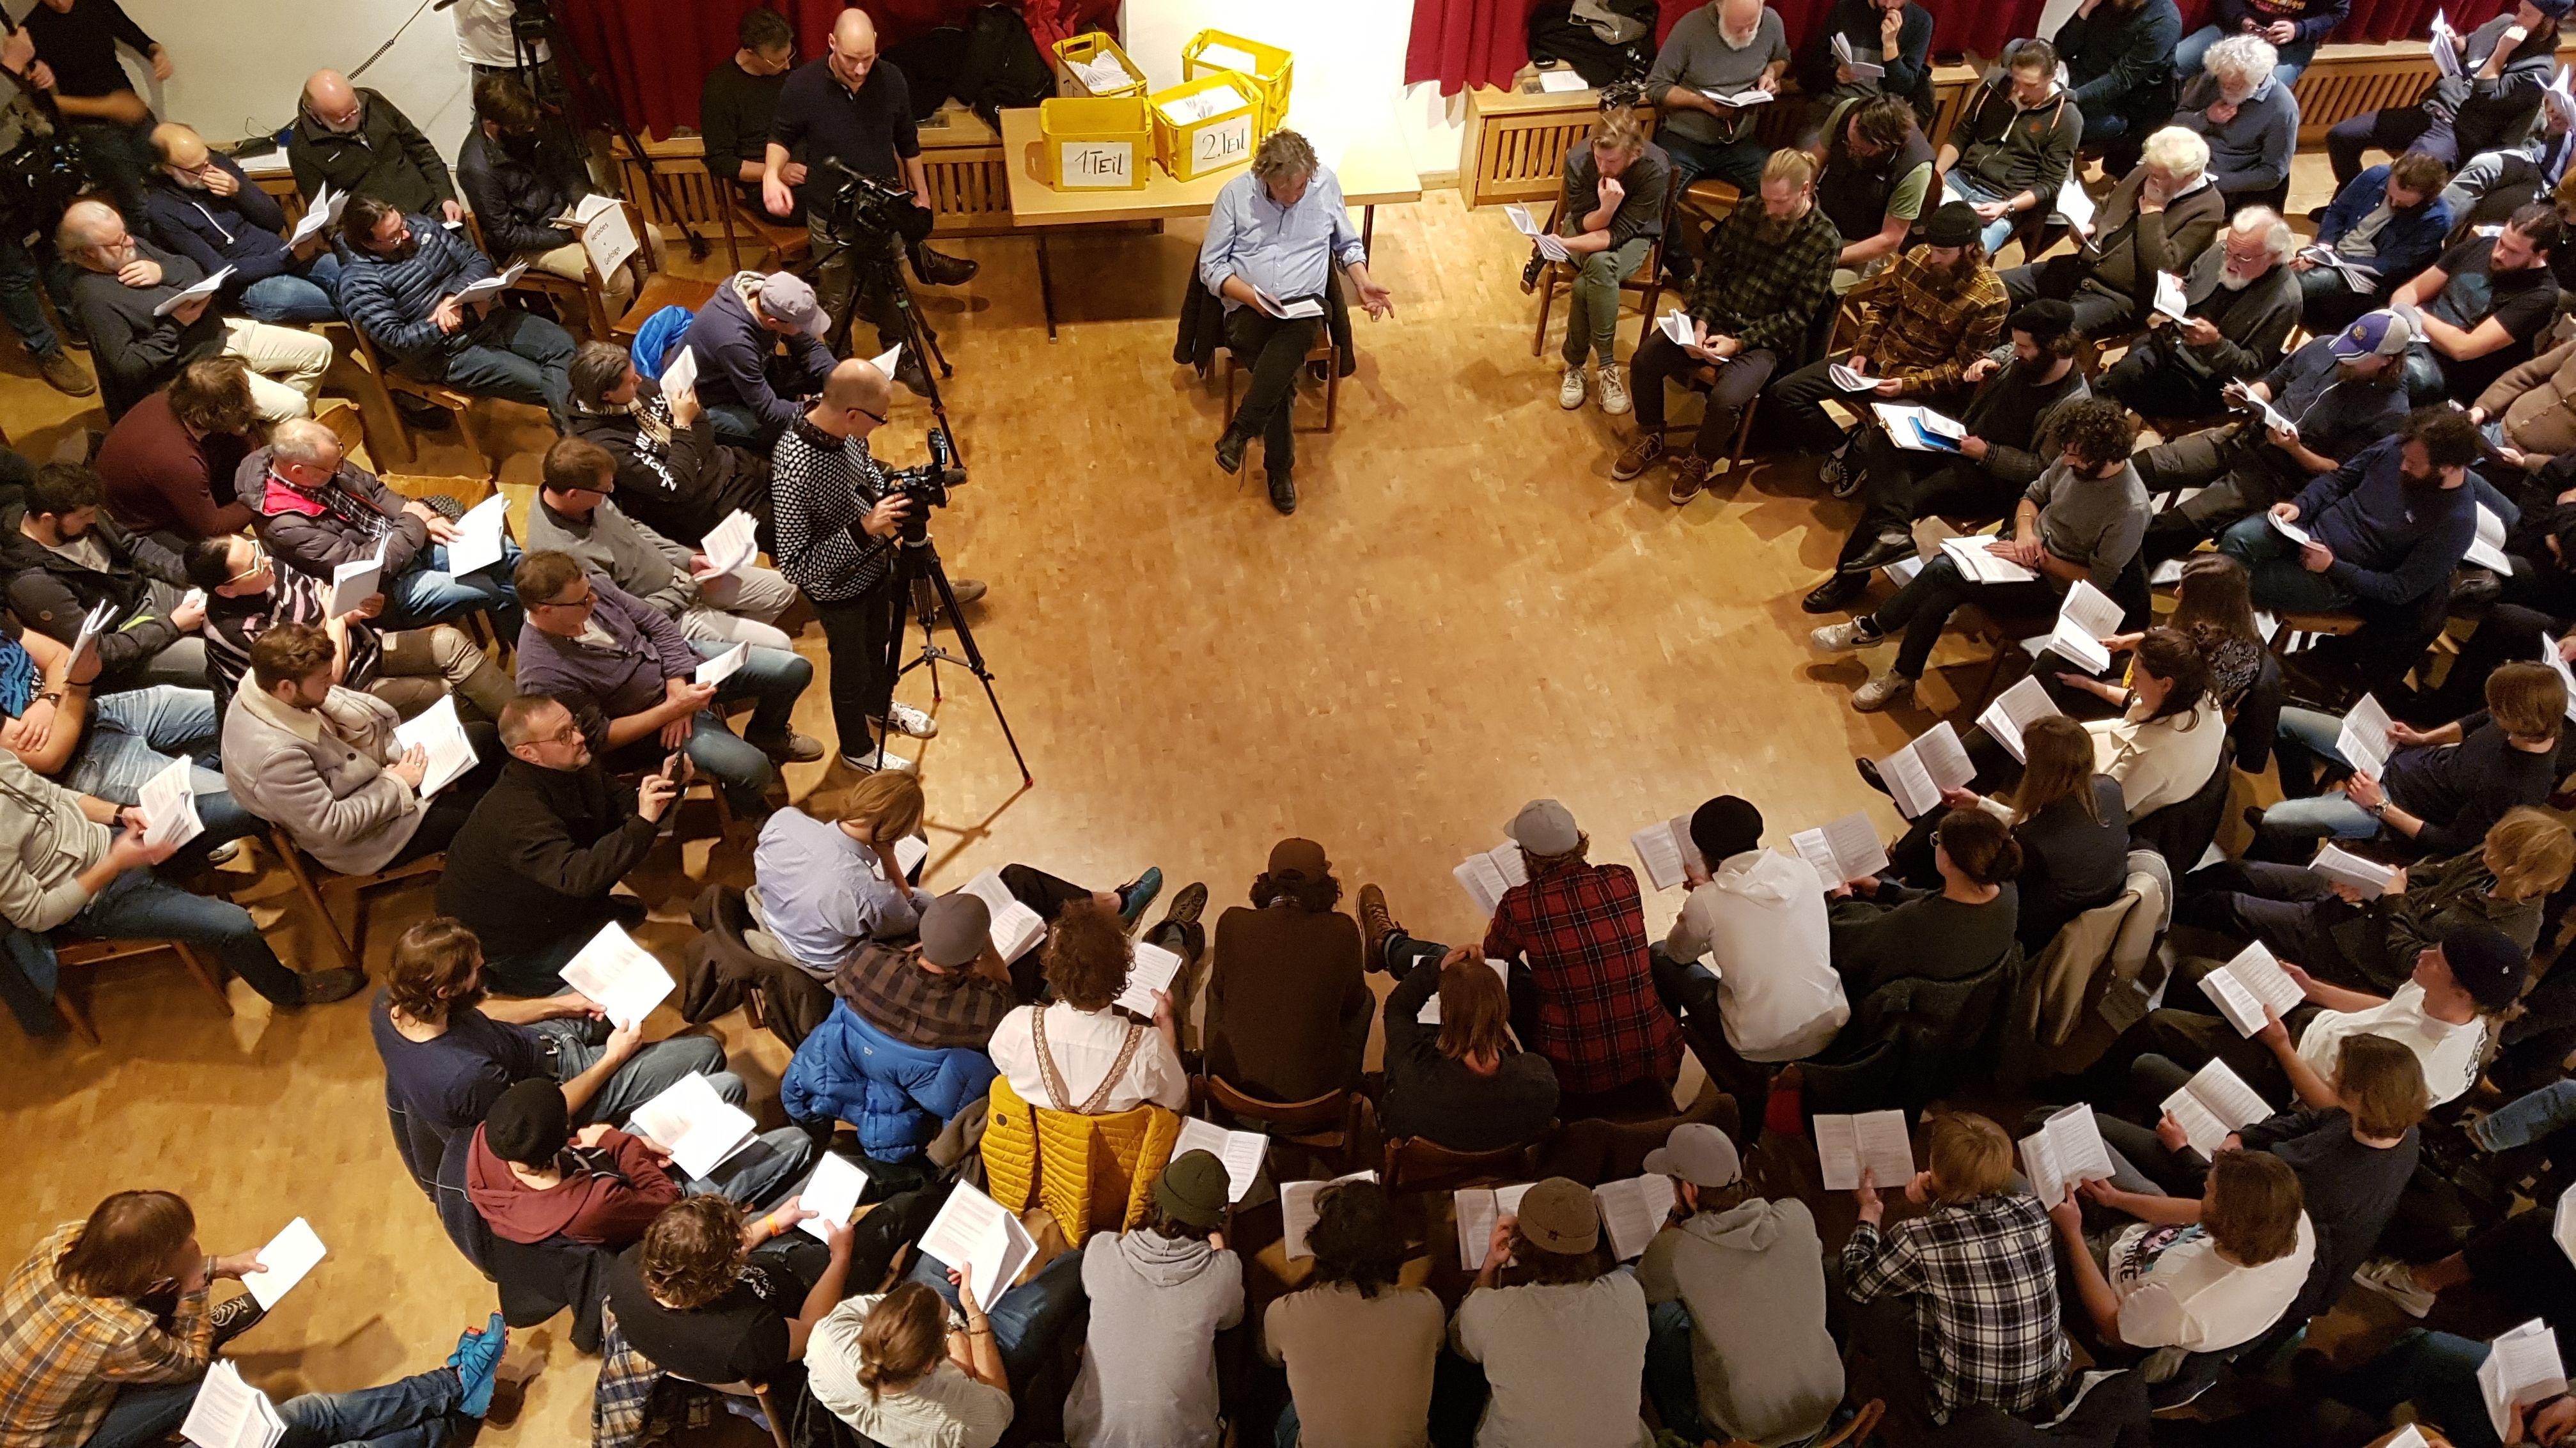 Leseproben für Passionsspiele Oberammergau 2020: Mitwirkende sitzen mit ihren Texten auf Stühlen im Kreis